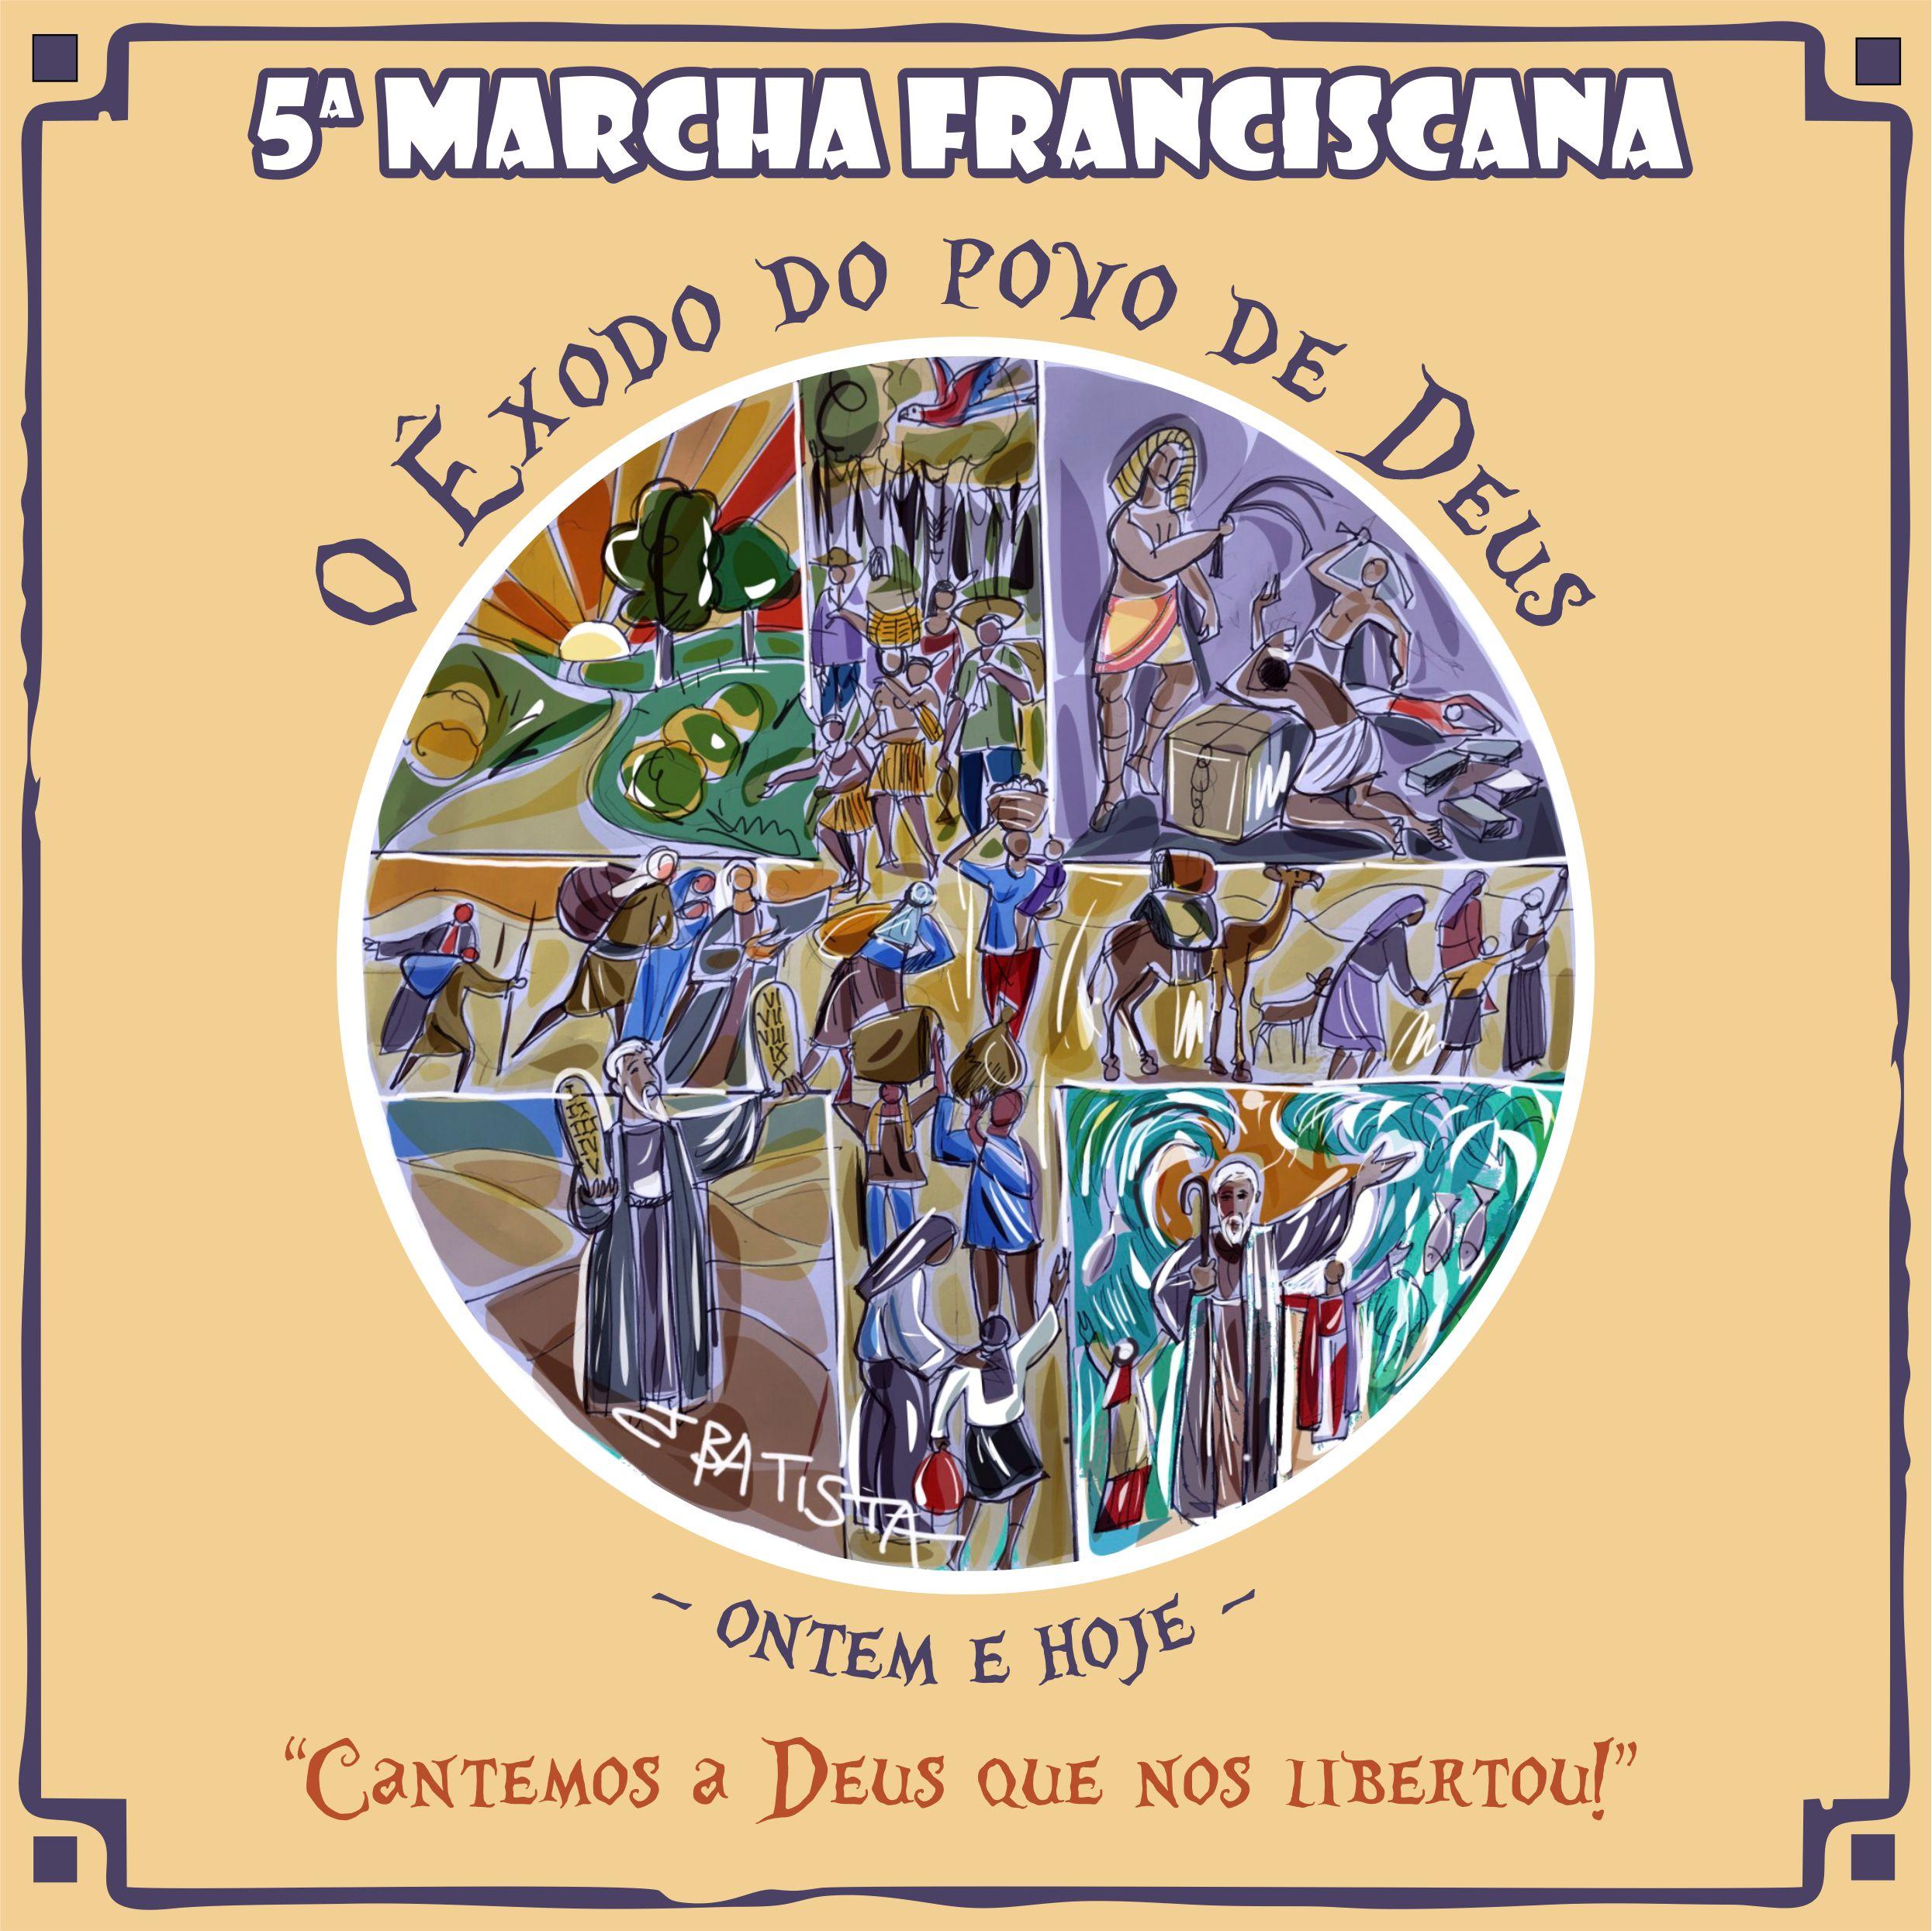 Aberta as inscrições para a 5ª Marcha Franciscana